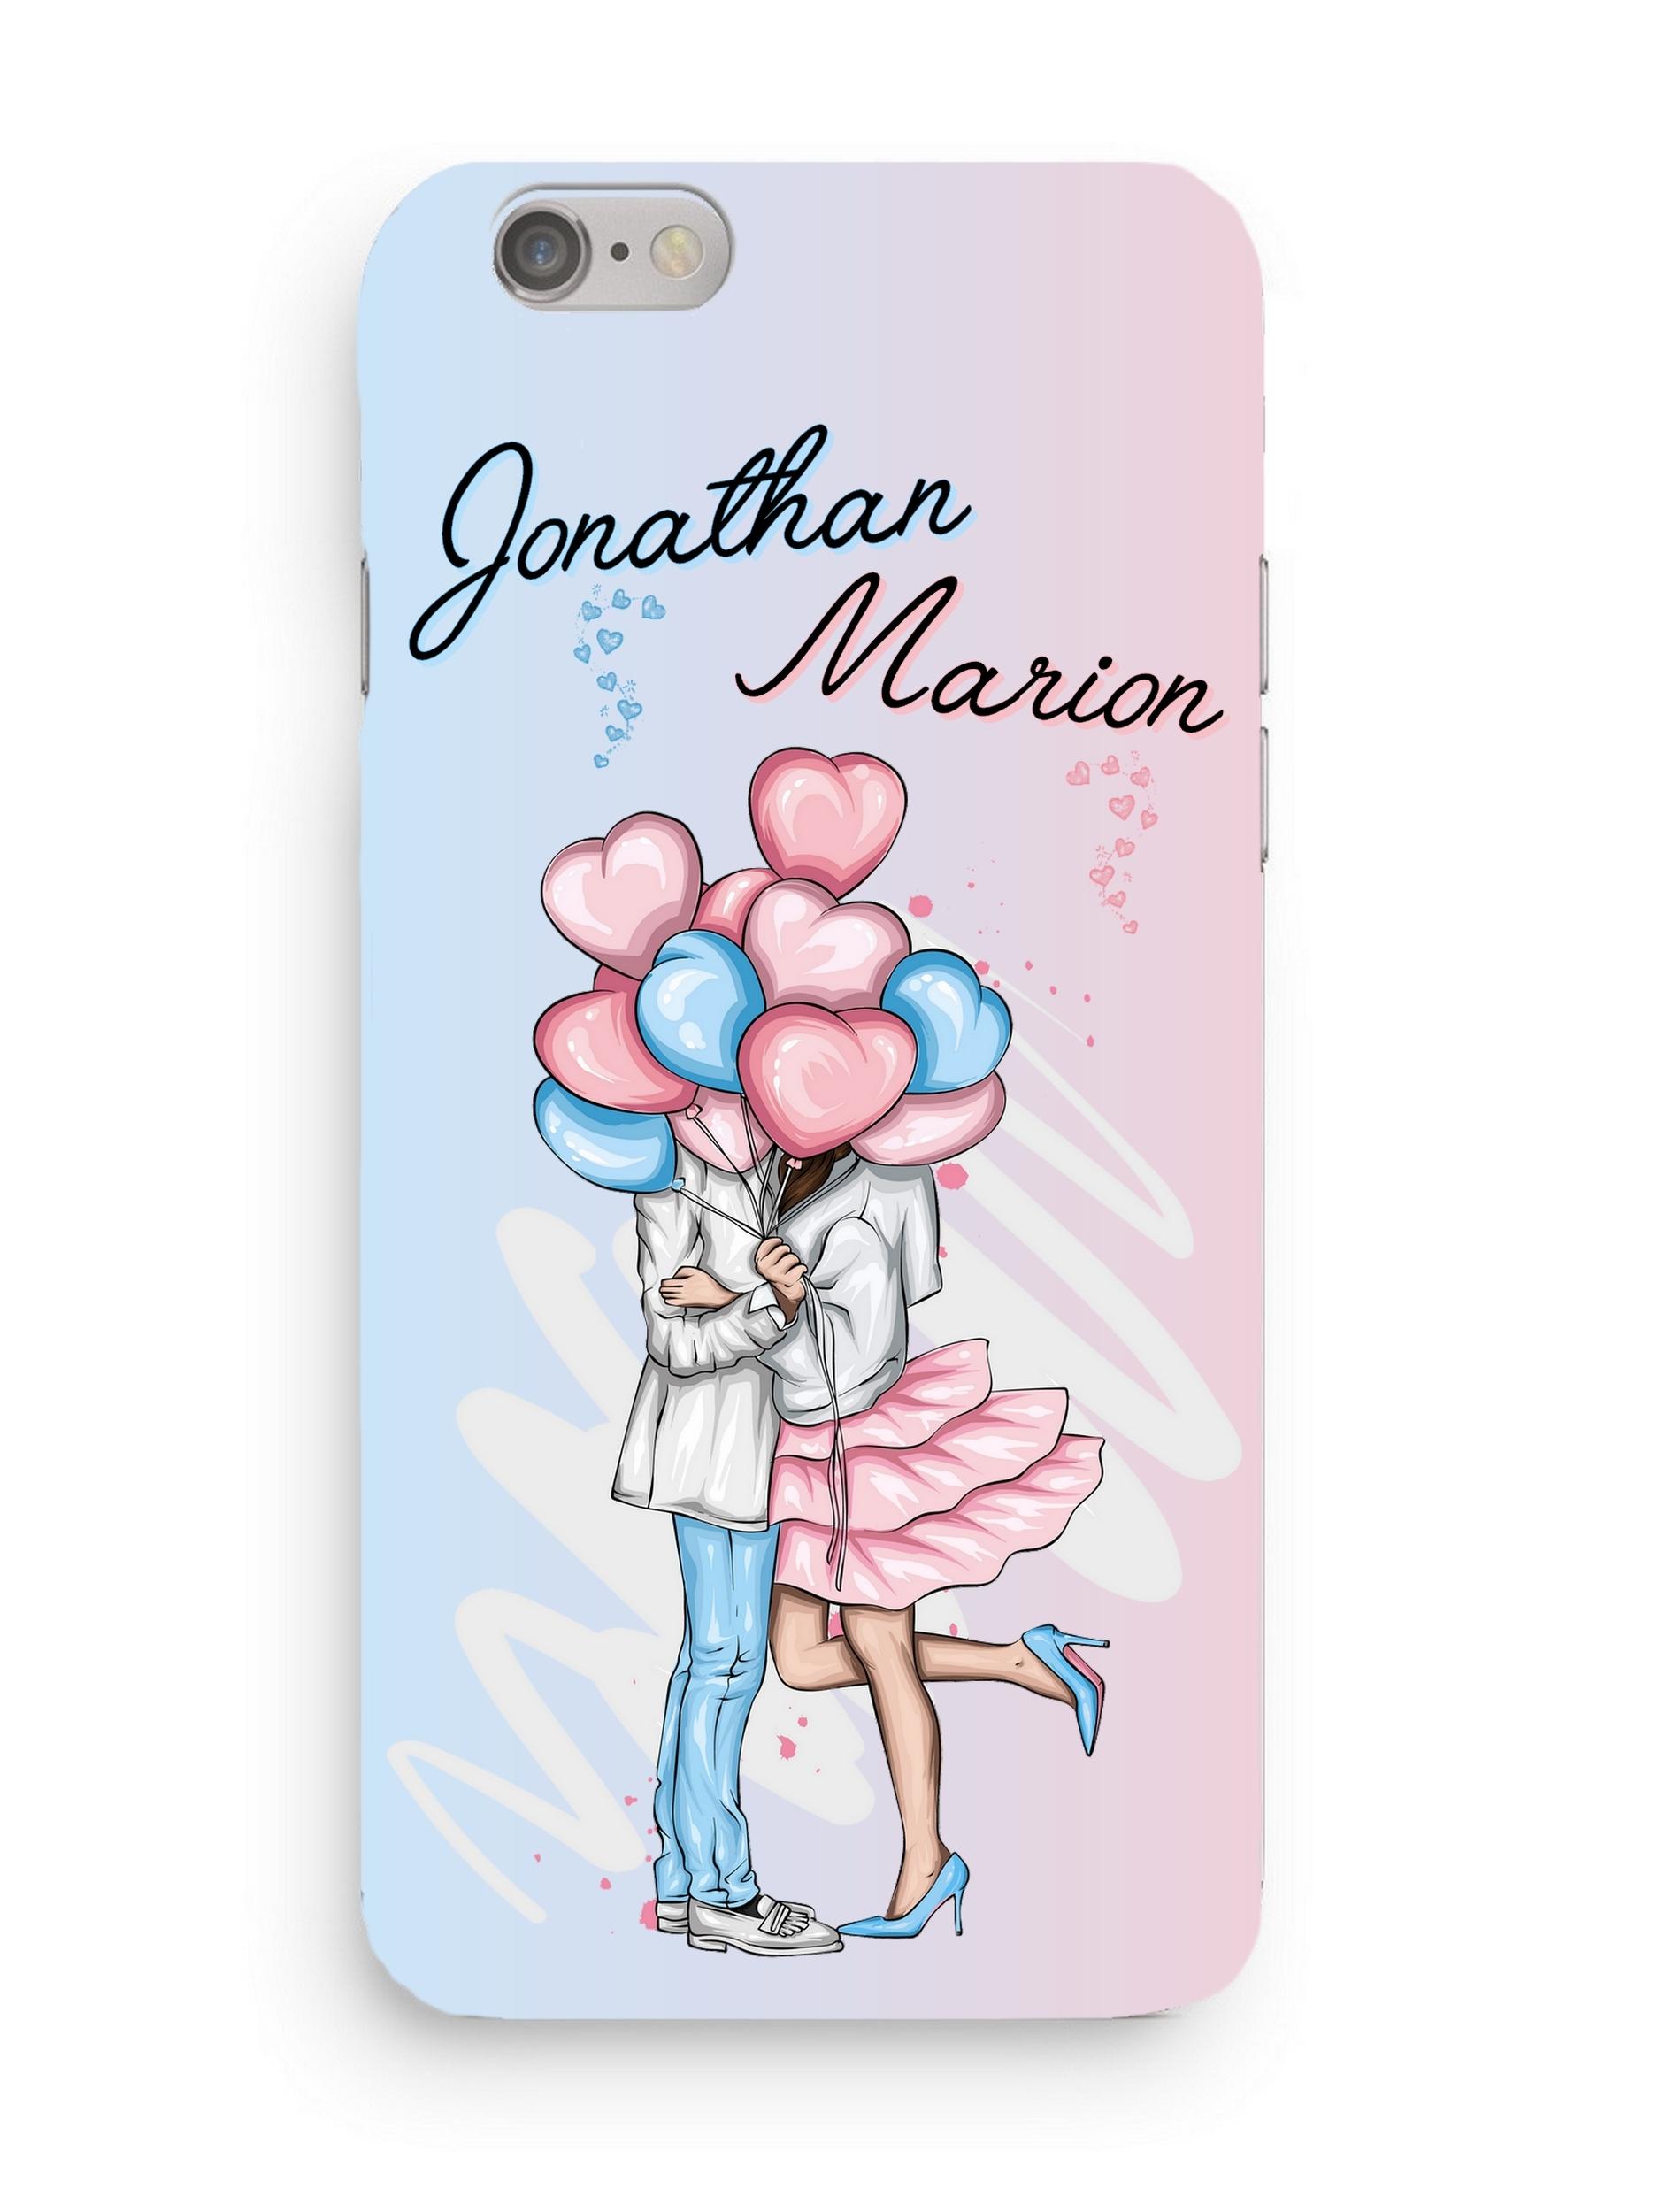 Coque Amoureux Couple 3D Iphone 5/6/7/8/X/XR/XS personnalisée avec prénoms